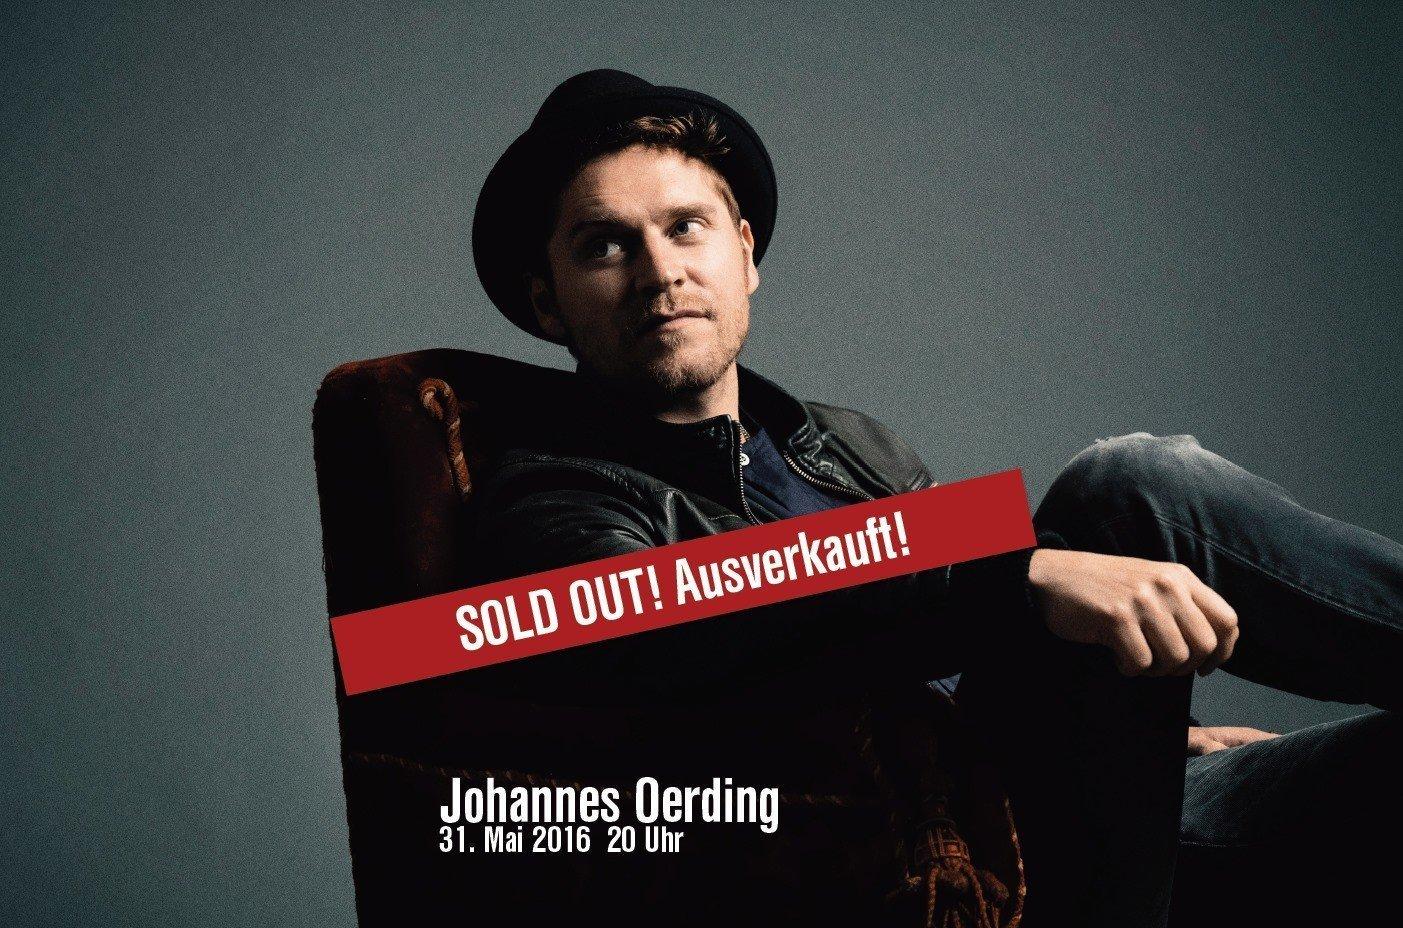 Johannes Oerding ausverkauft Festspiele in Concert